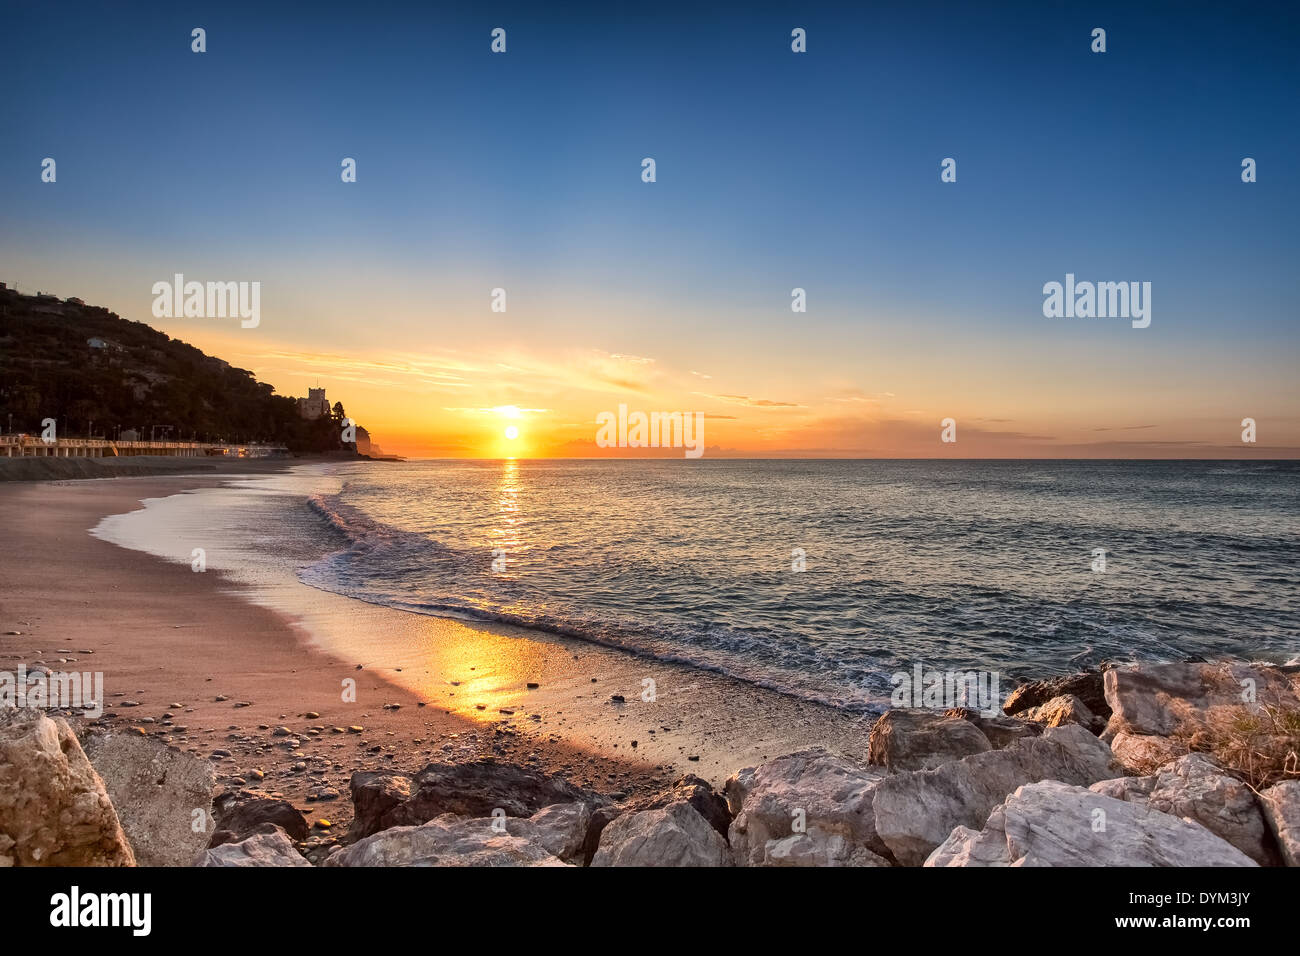 Sunrise at Finale Ligure, Italy, EU Stock Photo